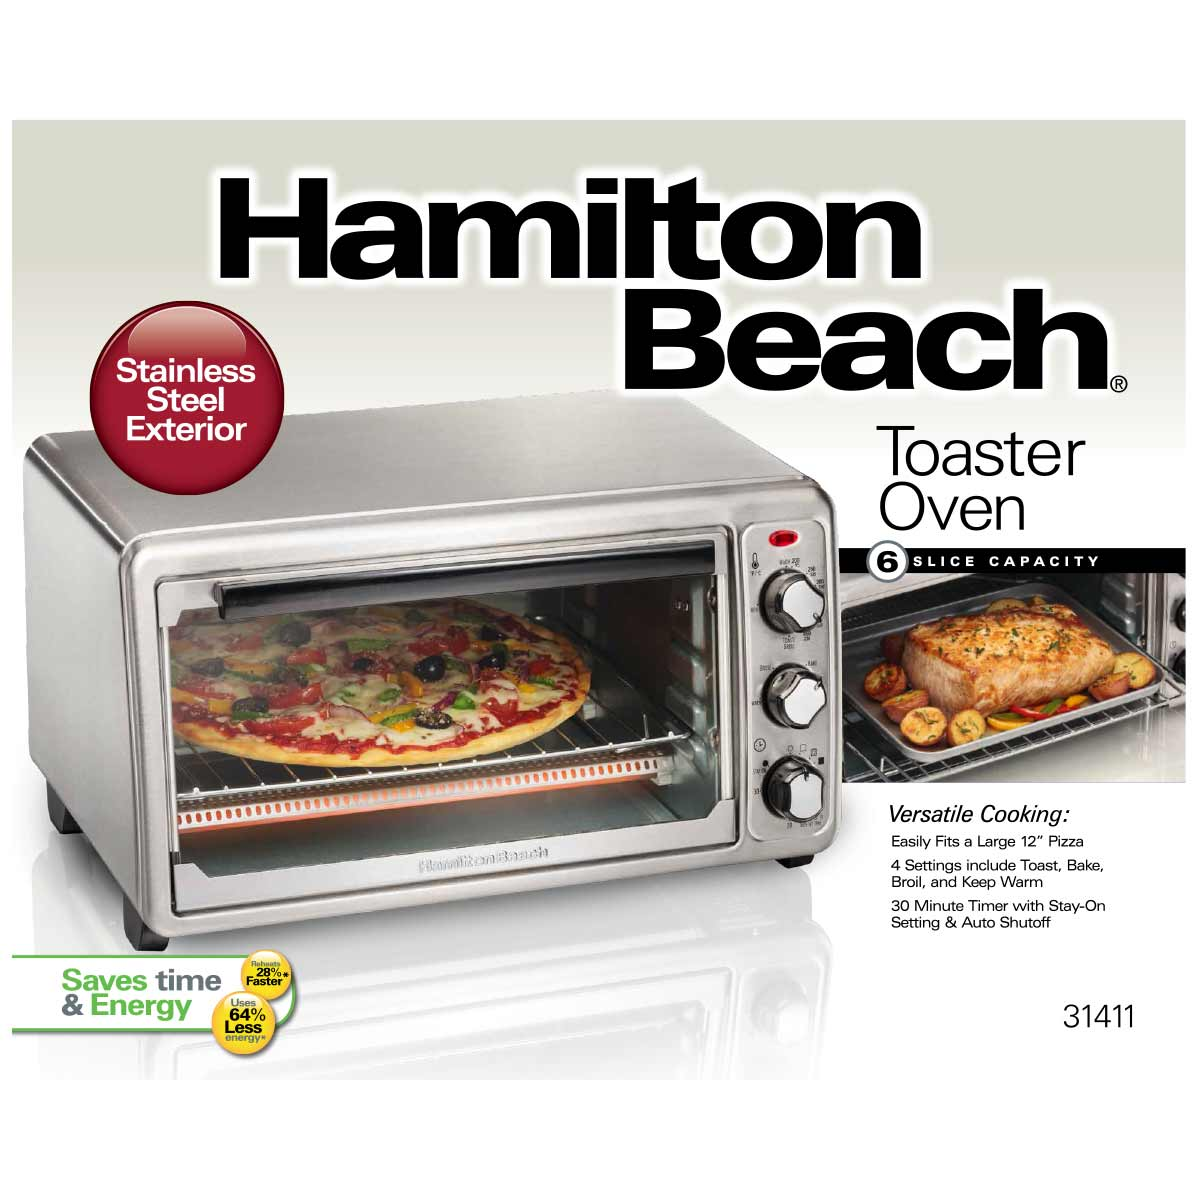 Hamilton Beach 6 Slice Capacity Toaster Oven: Hamilton Beach Stainless Steel Toaster Oven